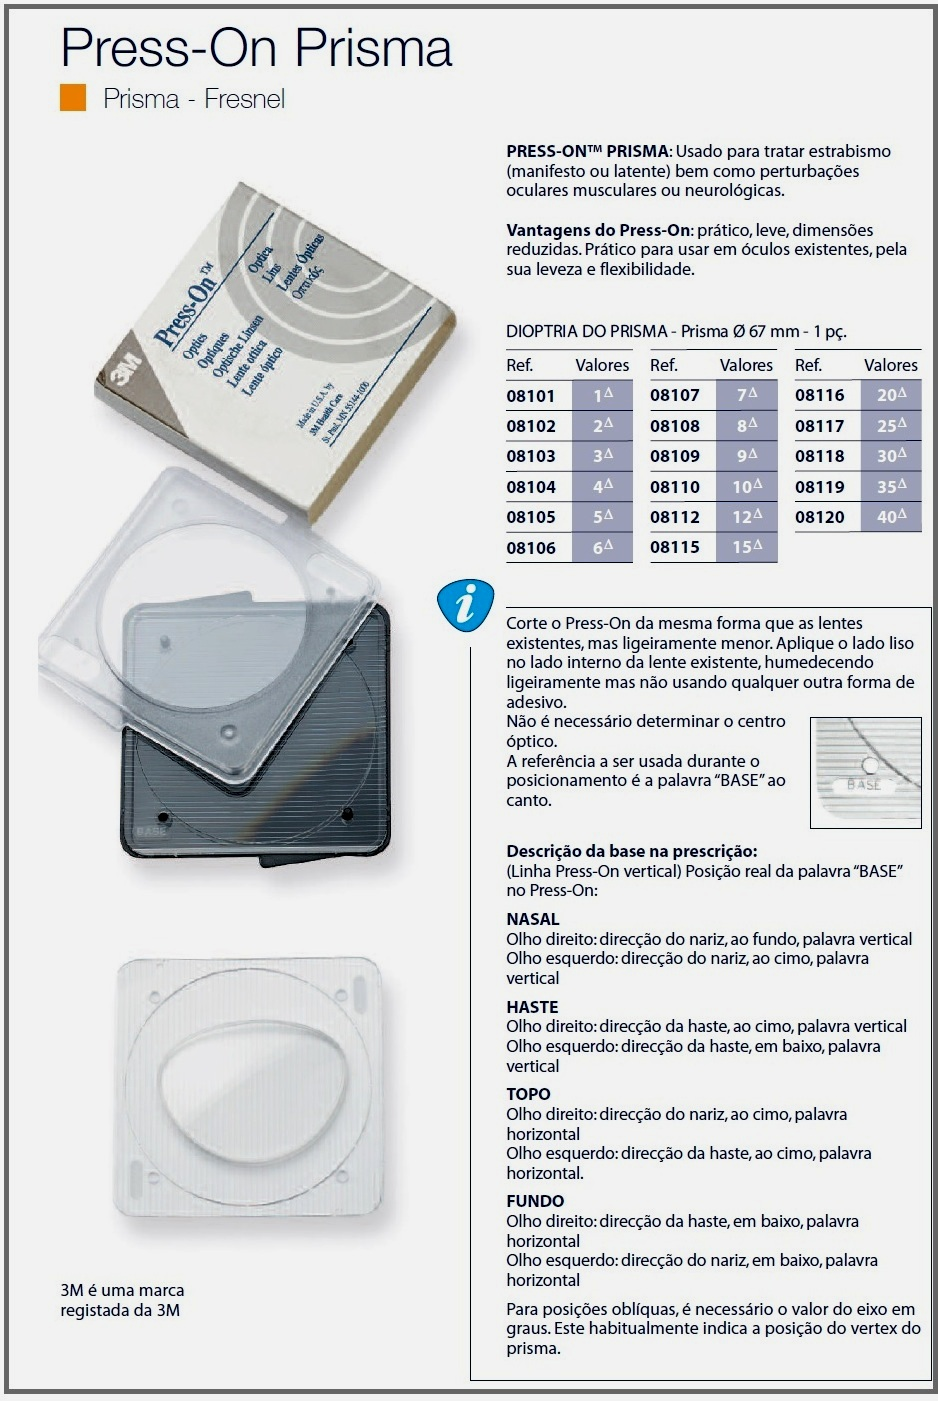 0208118 - CorreçãoVisual Press-On Prisma 30 Mod 8118 FLAG E - Contém 1 Peça SOB ENCOMENDA